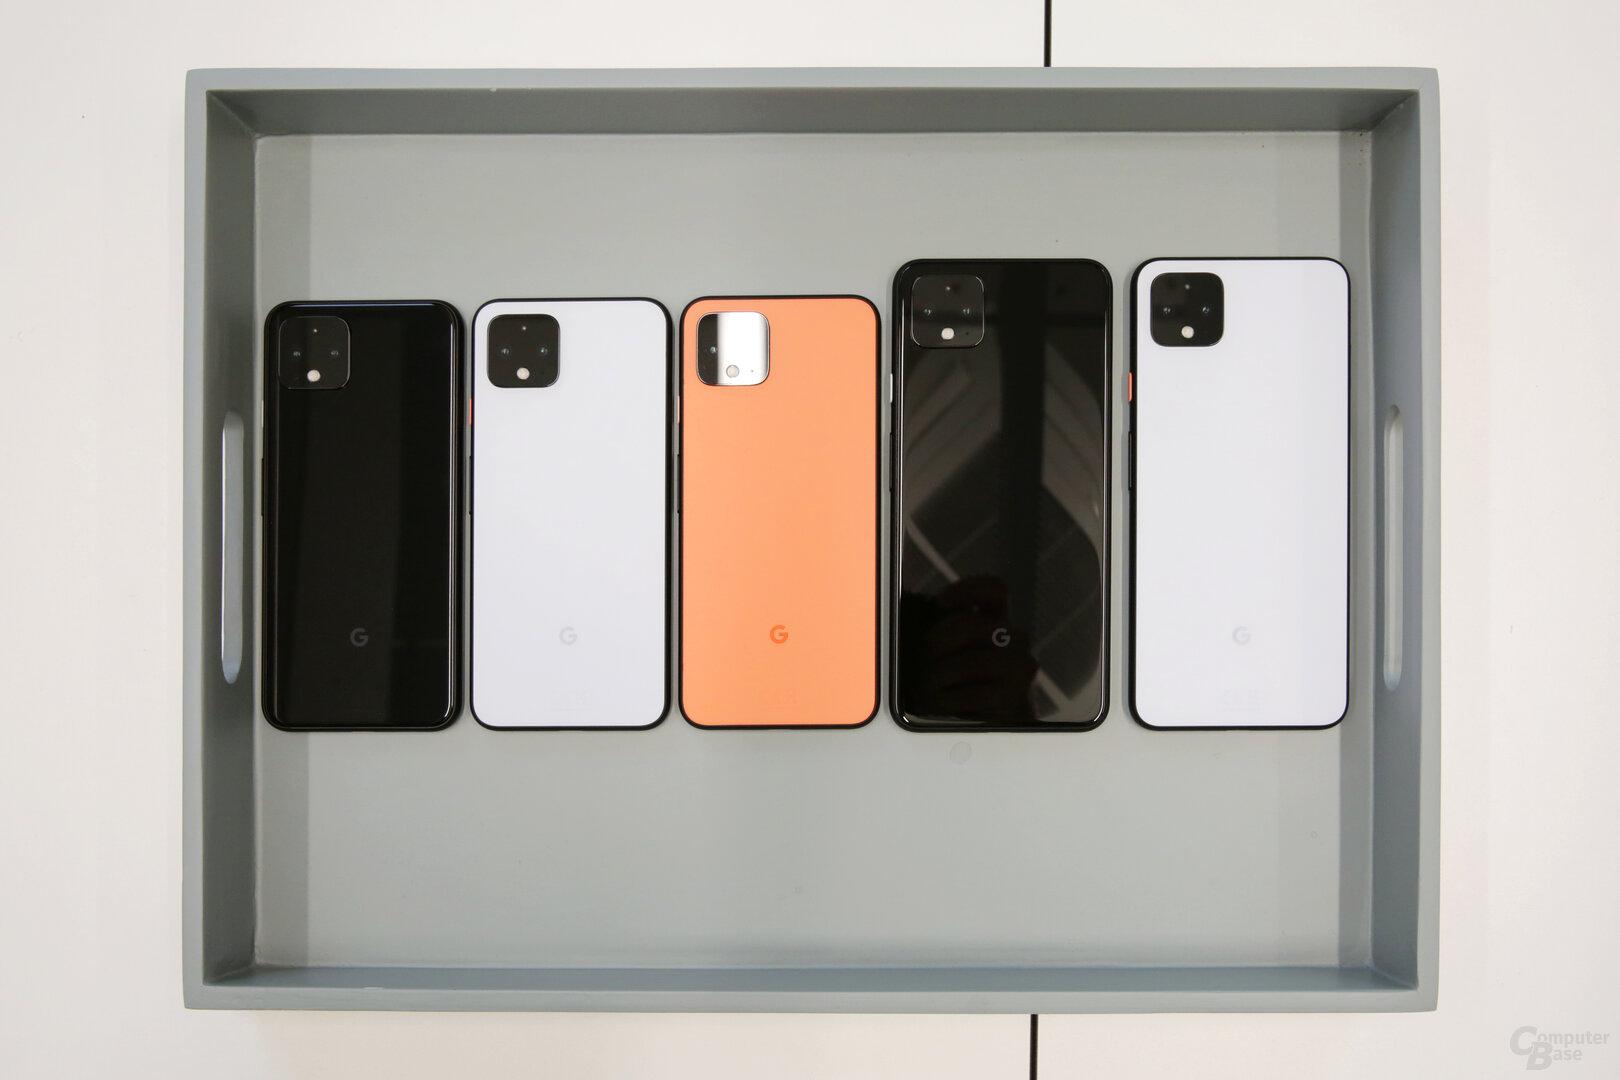 Als Farben stehen Just Black, Clearly White und Oh So Orange zur Auswahl